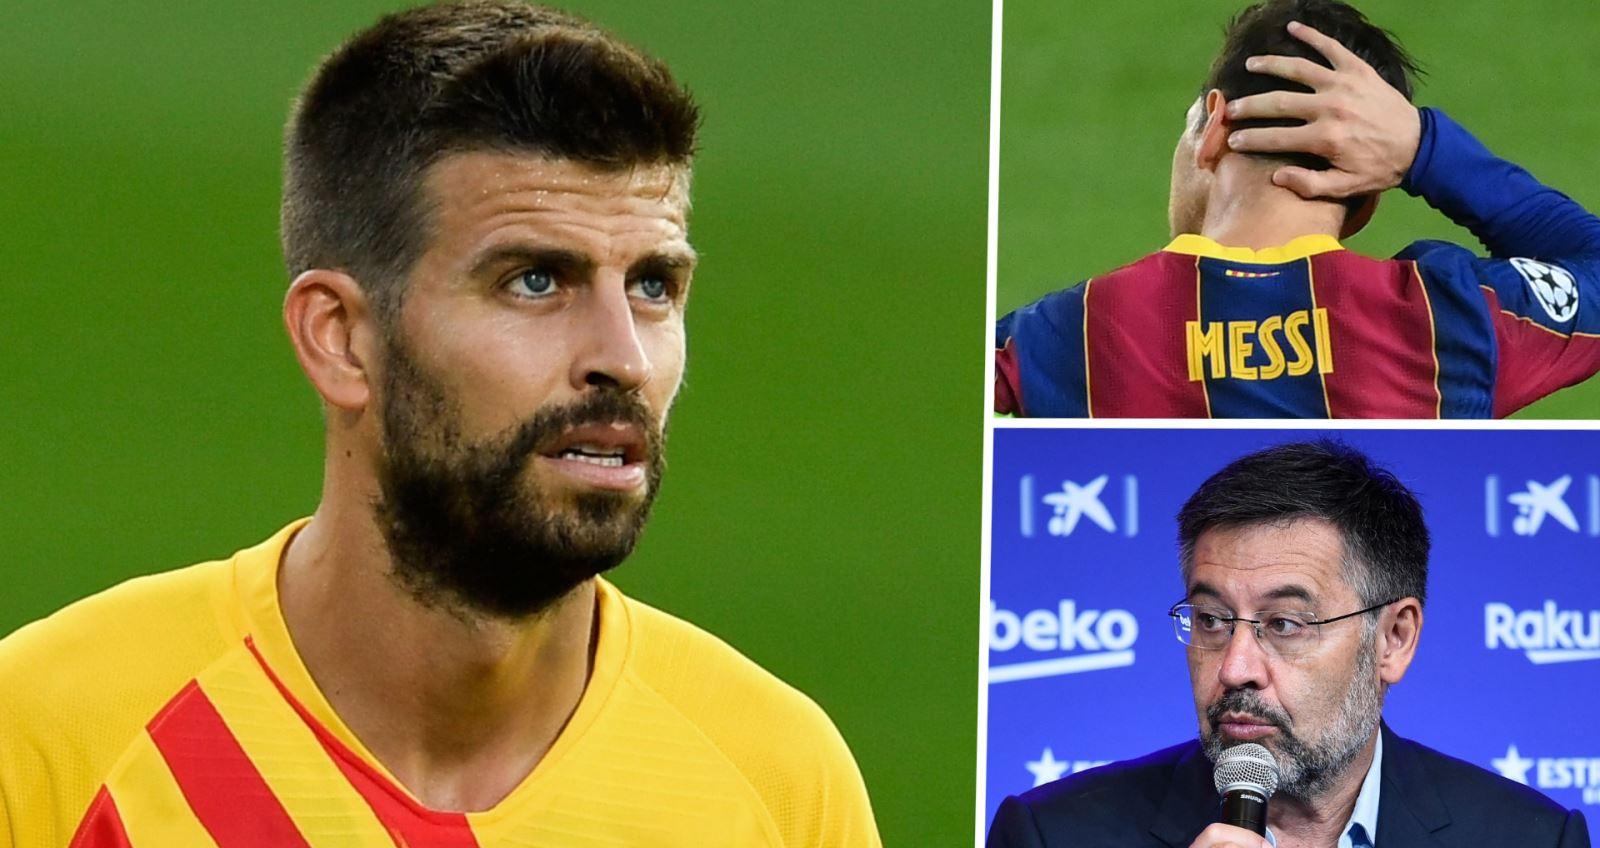 Bong da, Bóng đá hôm nay, MU, Cavani ra mắt MU, Kết quả Aston Villa vs Leeds, tin tức MU, trực tiếp MU vs Chelsea, truc tiep bong da, lịch thi đấu bóng đá Anh, BXH Anh